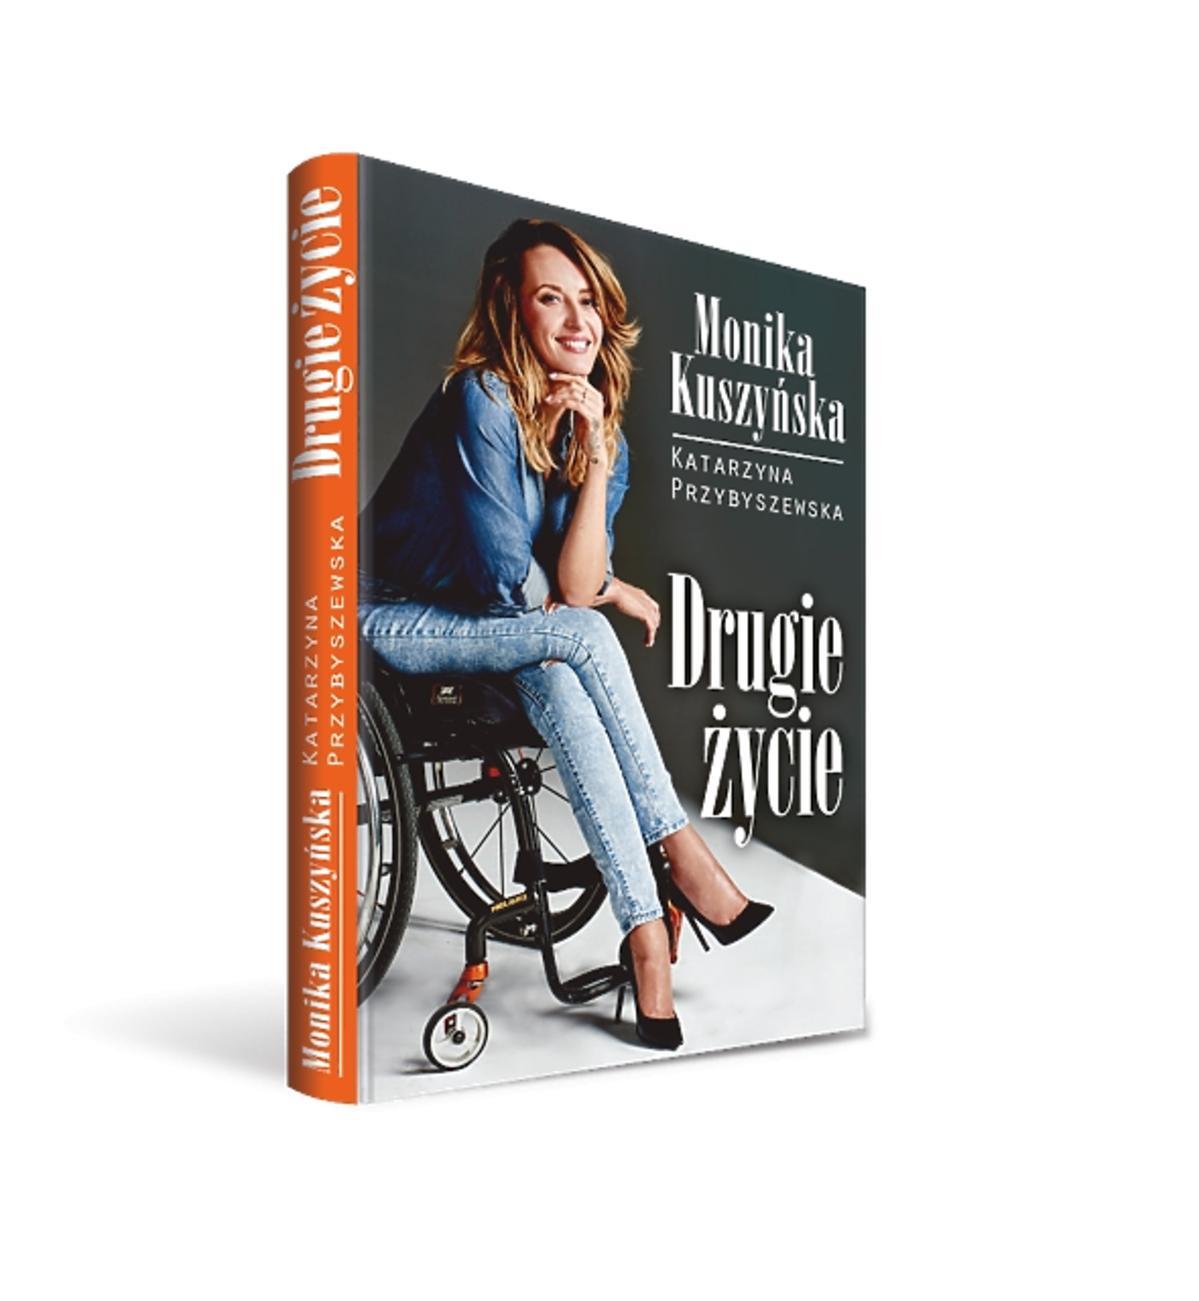 Monika Kuszyńska na okłdce swojej książi Druga szansa